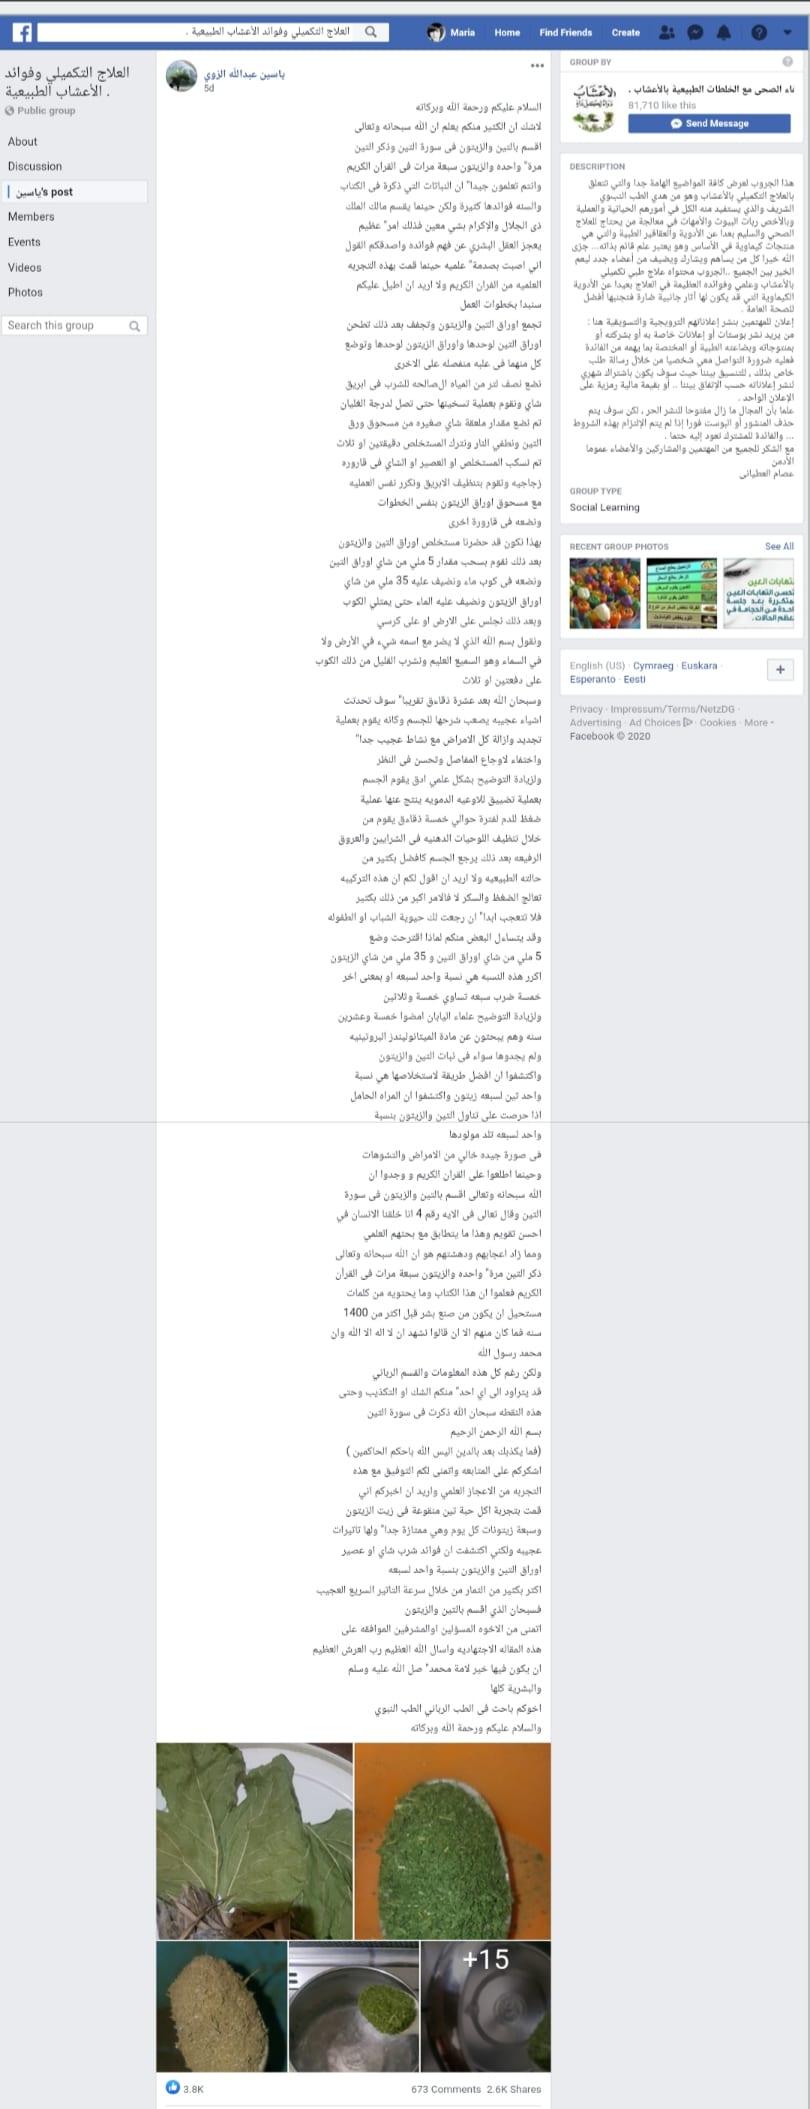 ورق التين الزيتون لقطة شاشة من فيسبوك